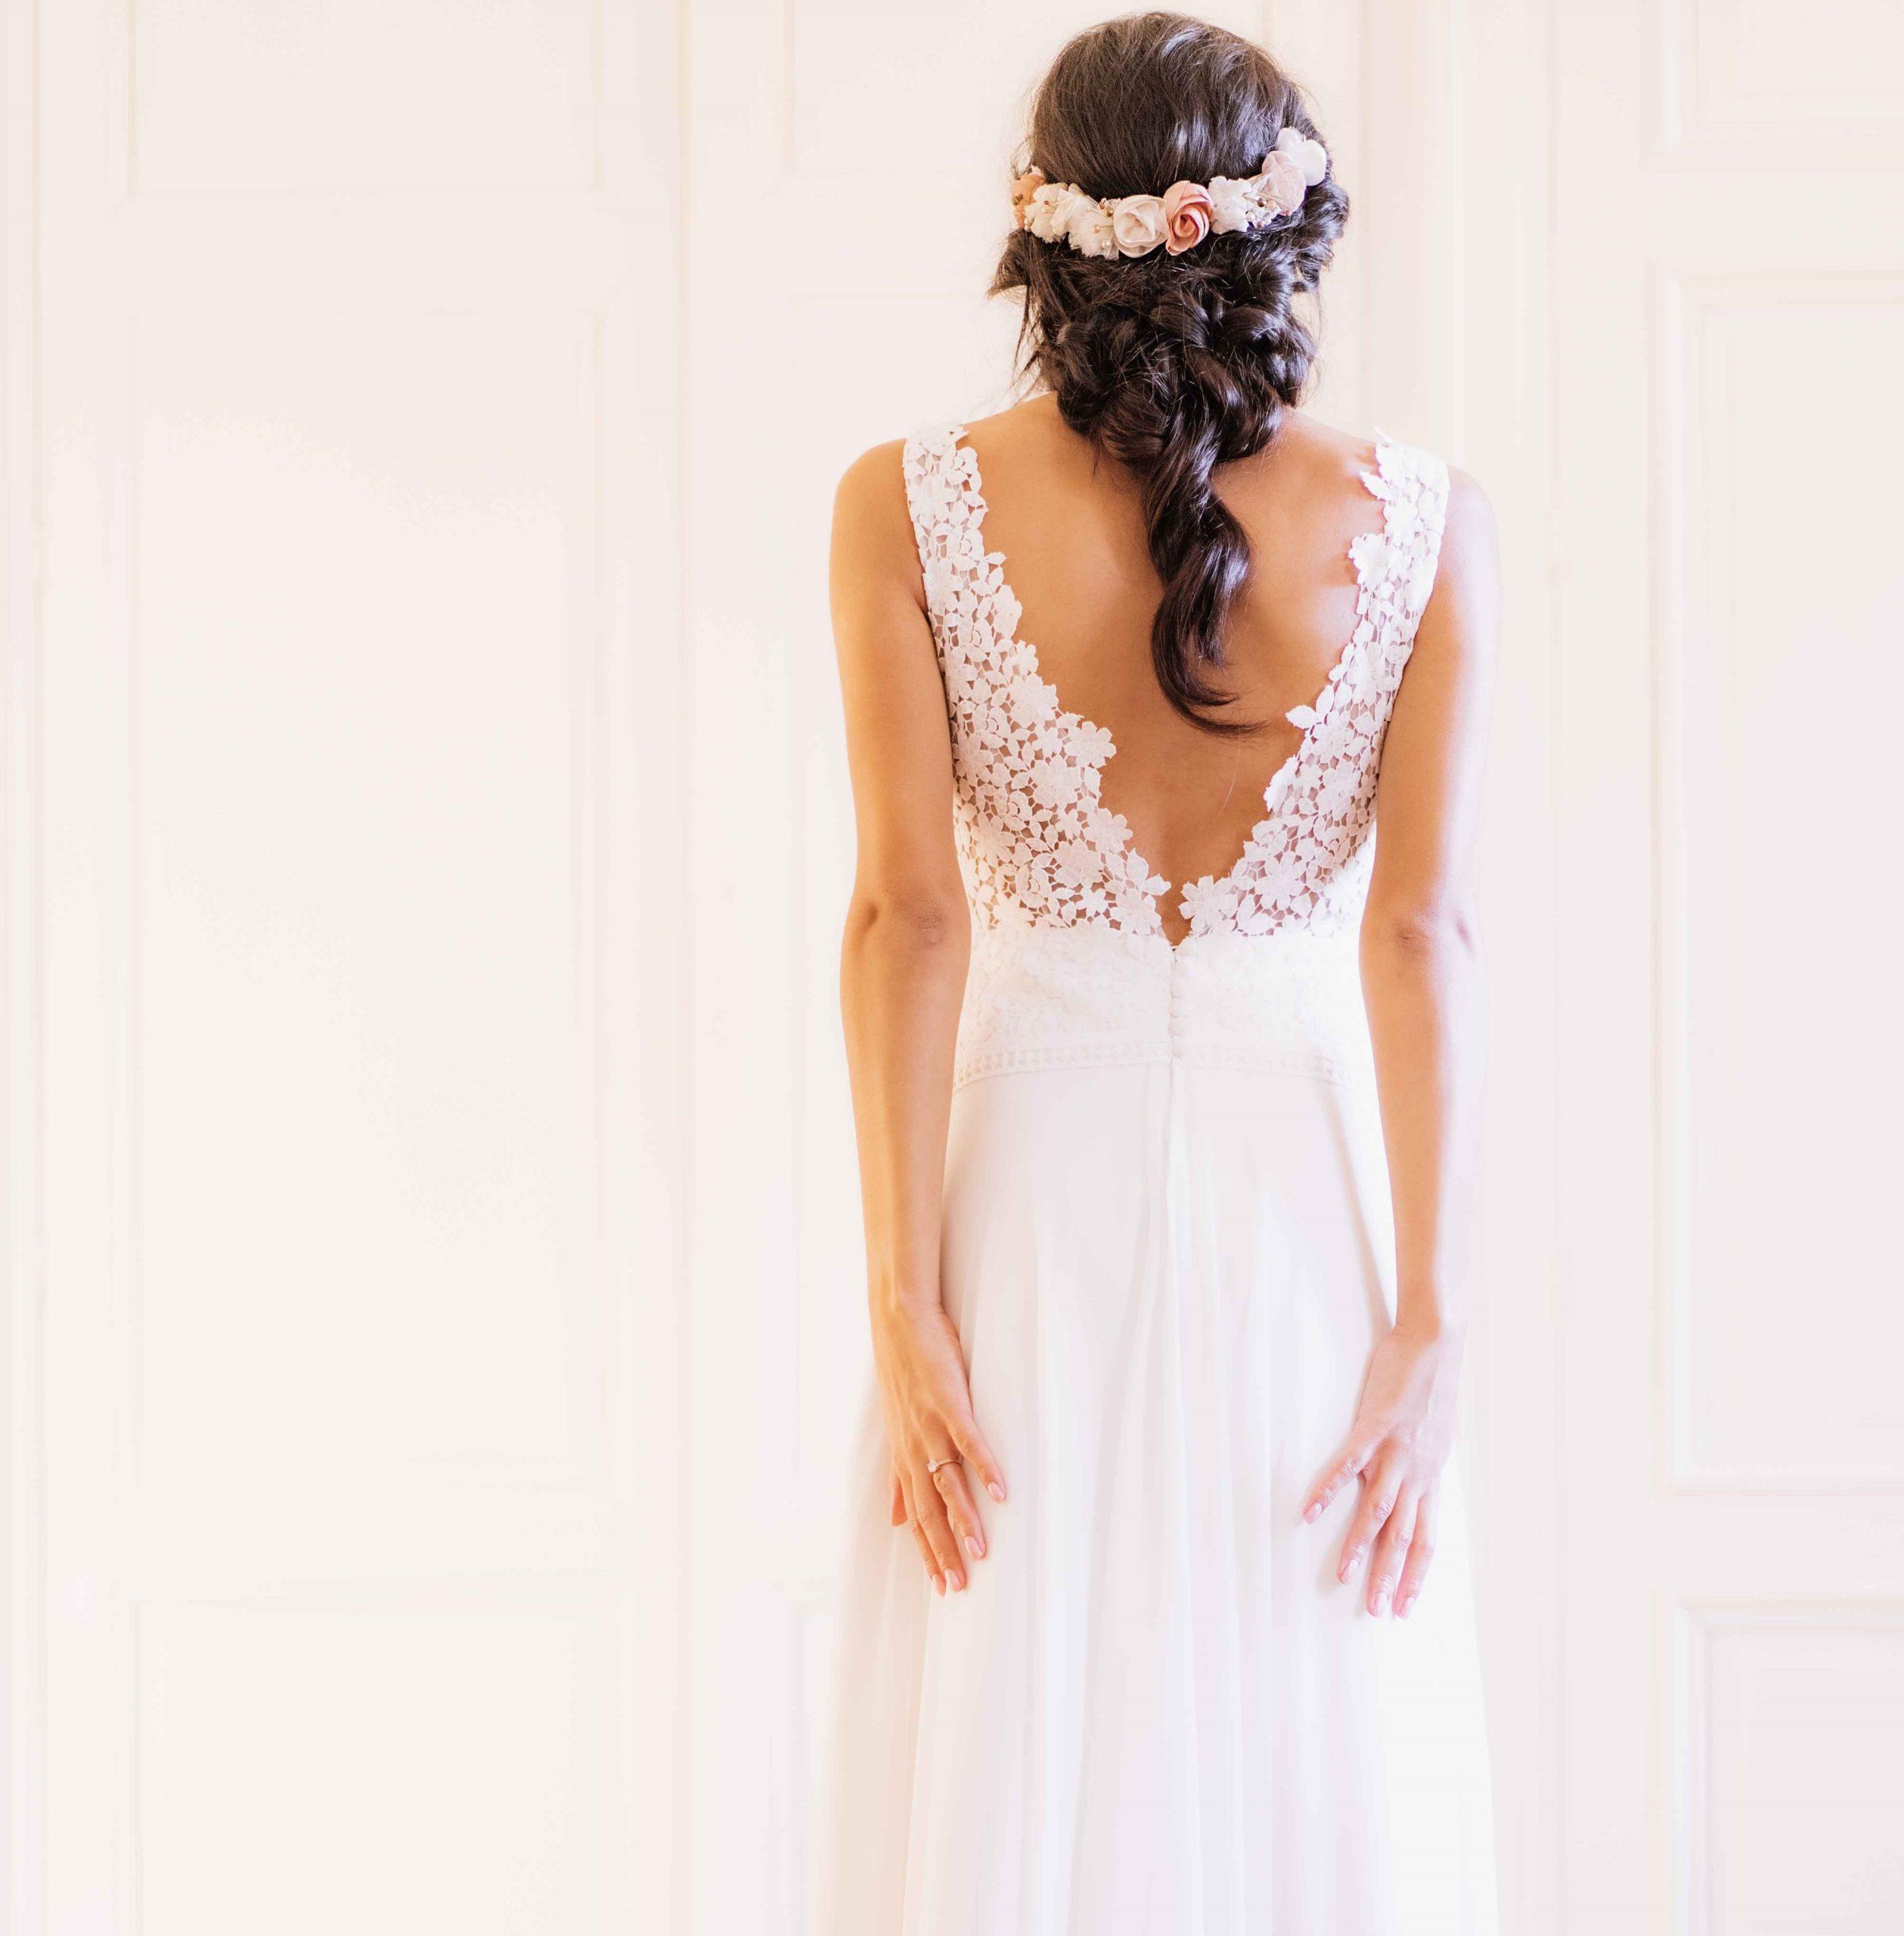 Couronne Joséphine 2 Alice Marty - Couture florale Accessoires Mariage